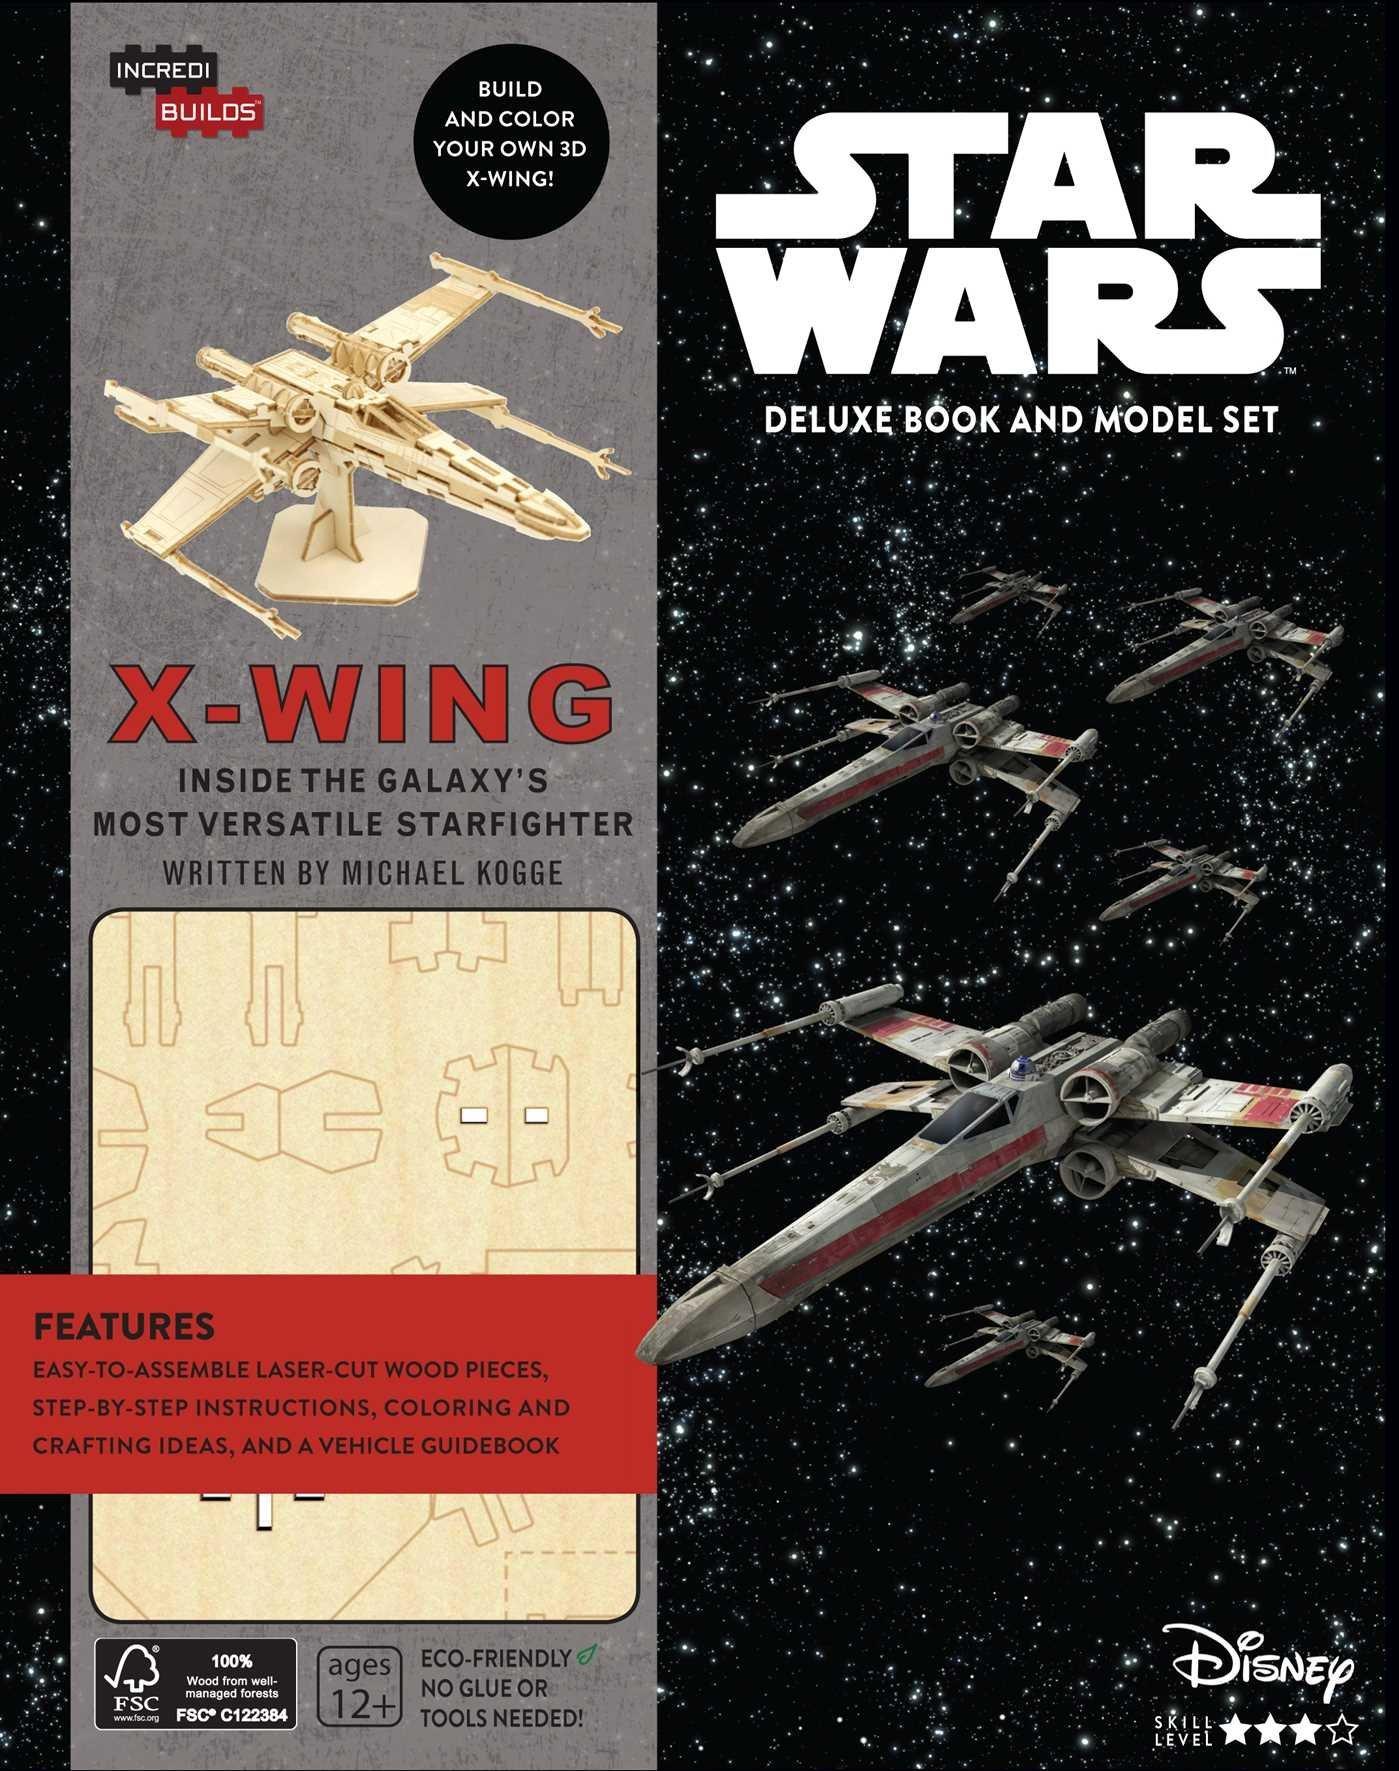 Звёздные войны: Книга и трёхмерная модель «X-wing»